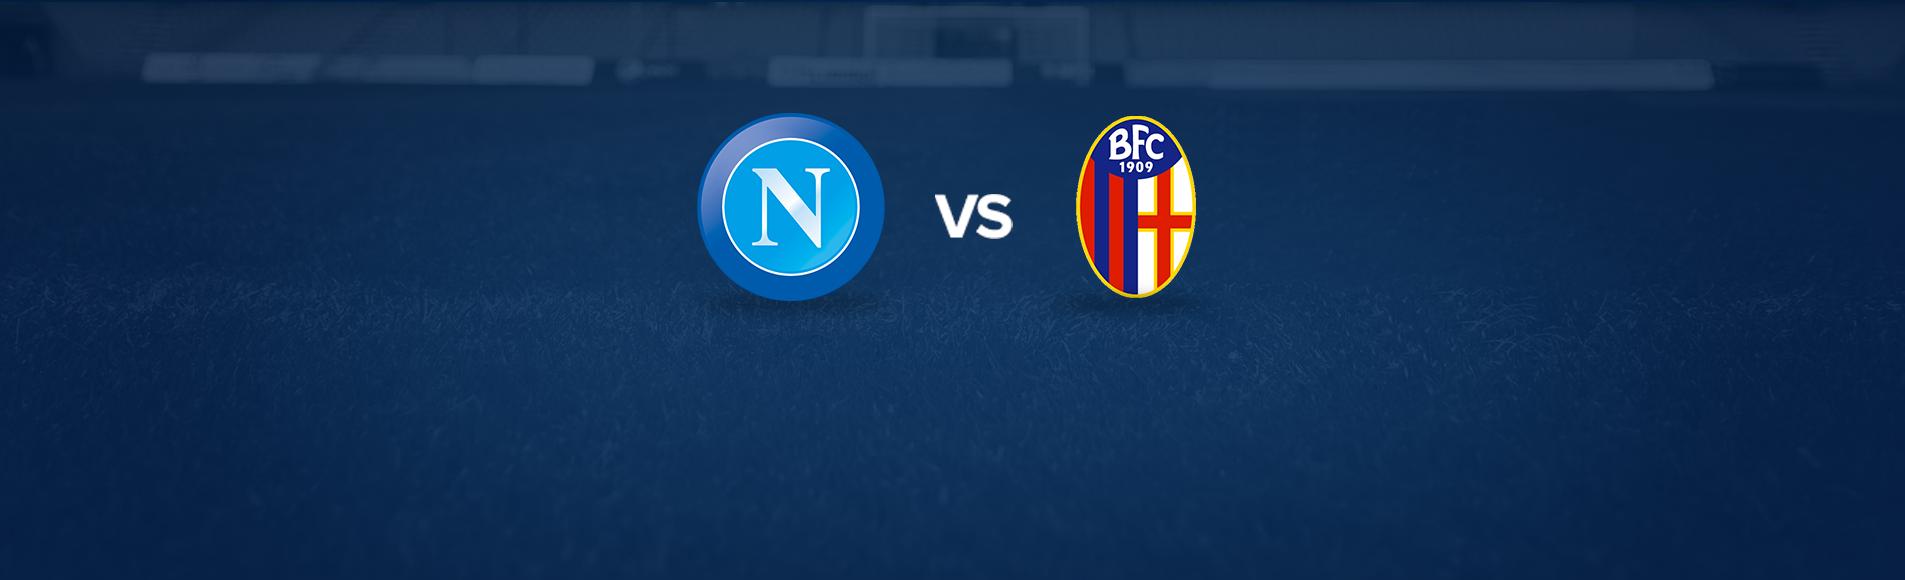 Napoli-Bologna: dove vedere la partita in tv e diretta streaming - NAPOLI CALCIO